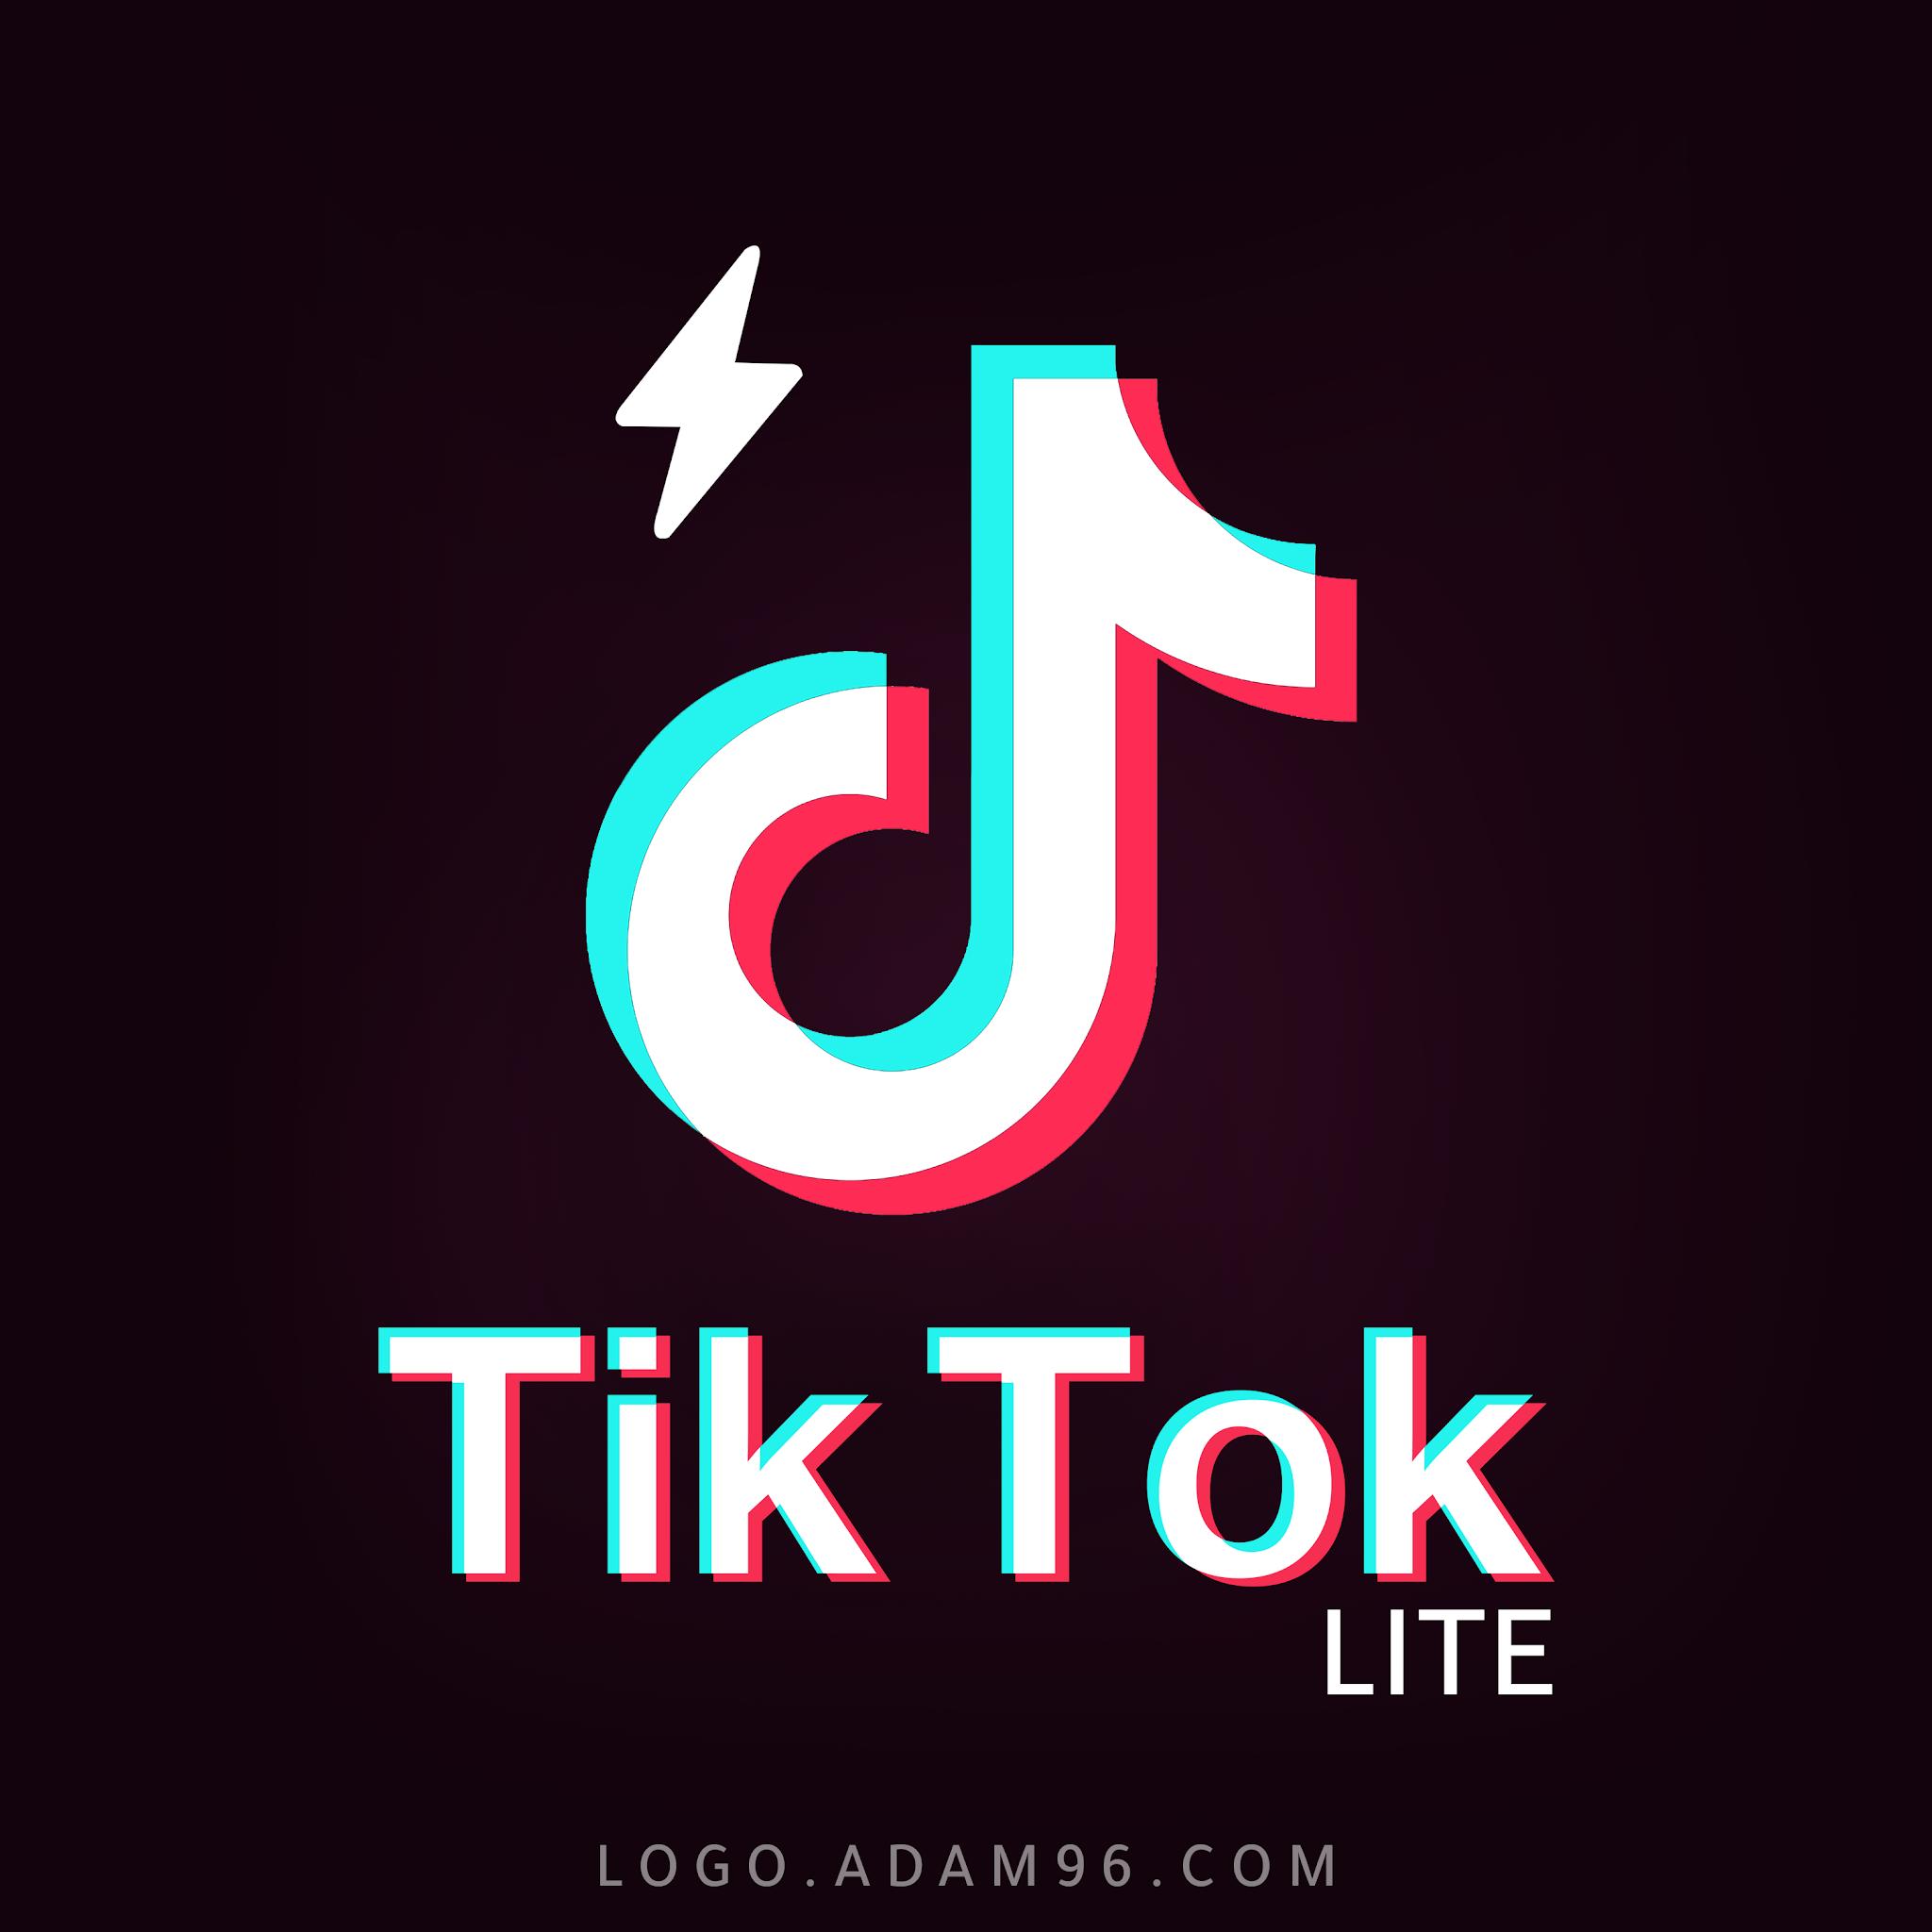 تحميل شعار تيك توك لايت بحجم كبير لوجو عالي الدقة بصيغة شفافة Logo Tik Tok Lite PNG